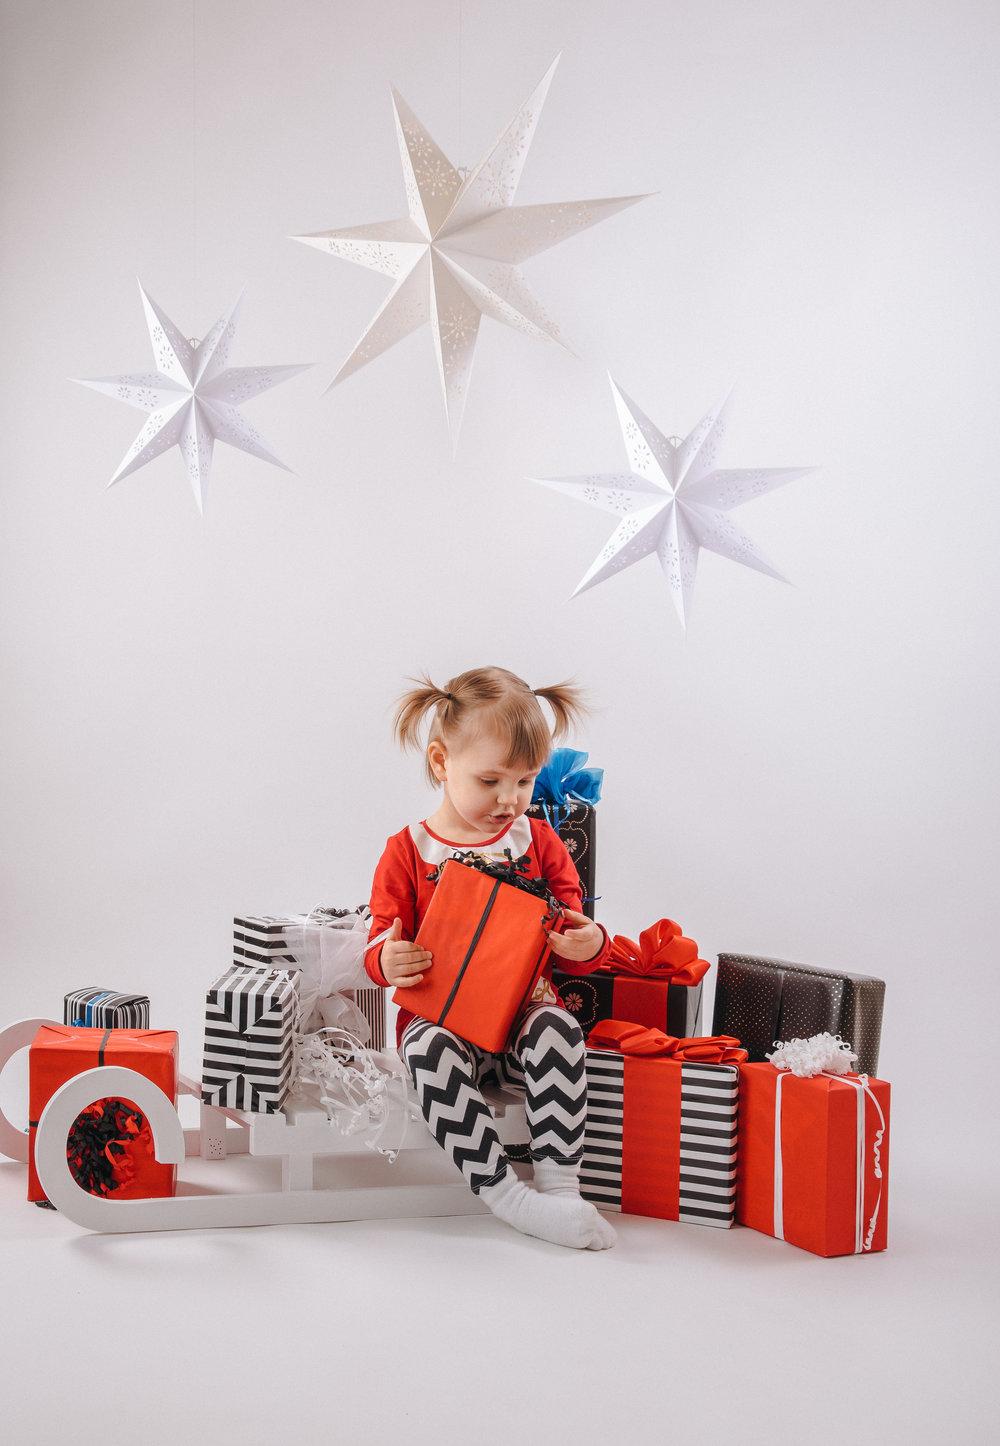 Hilla_joulukortti-0492.jpg